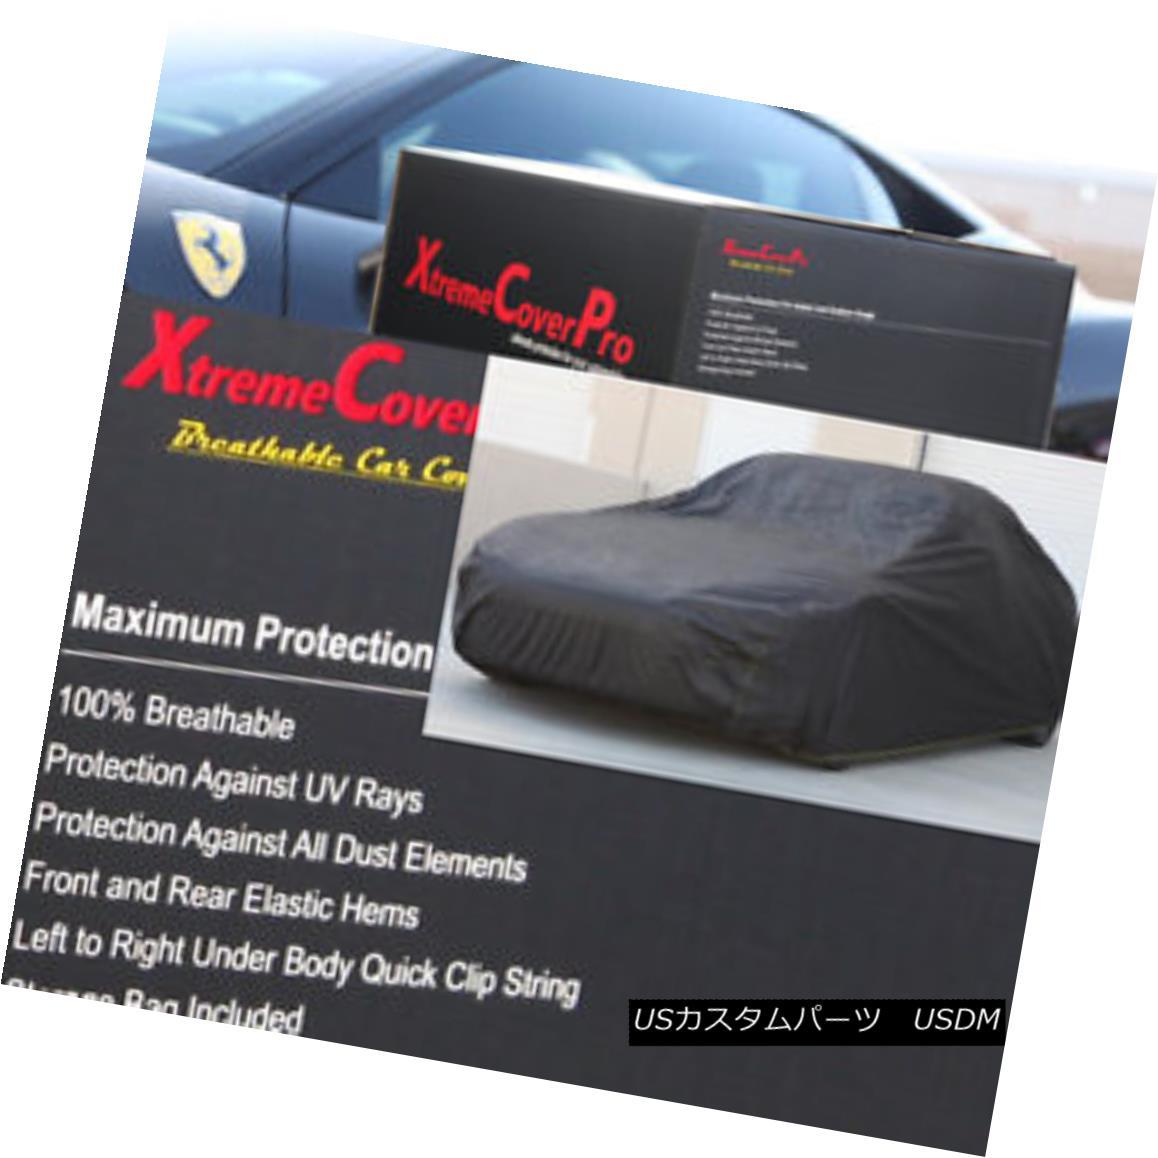 カーカバー 2000 2001 2002 2003 2004 2005 2006 Audi TT Breathable Car Cover 2000 2001 2002 2003 2004 2005 2006アウディTT通気性車カバー